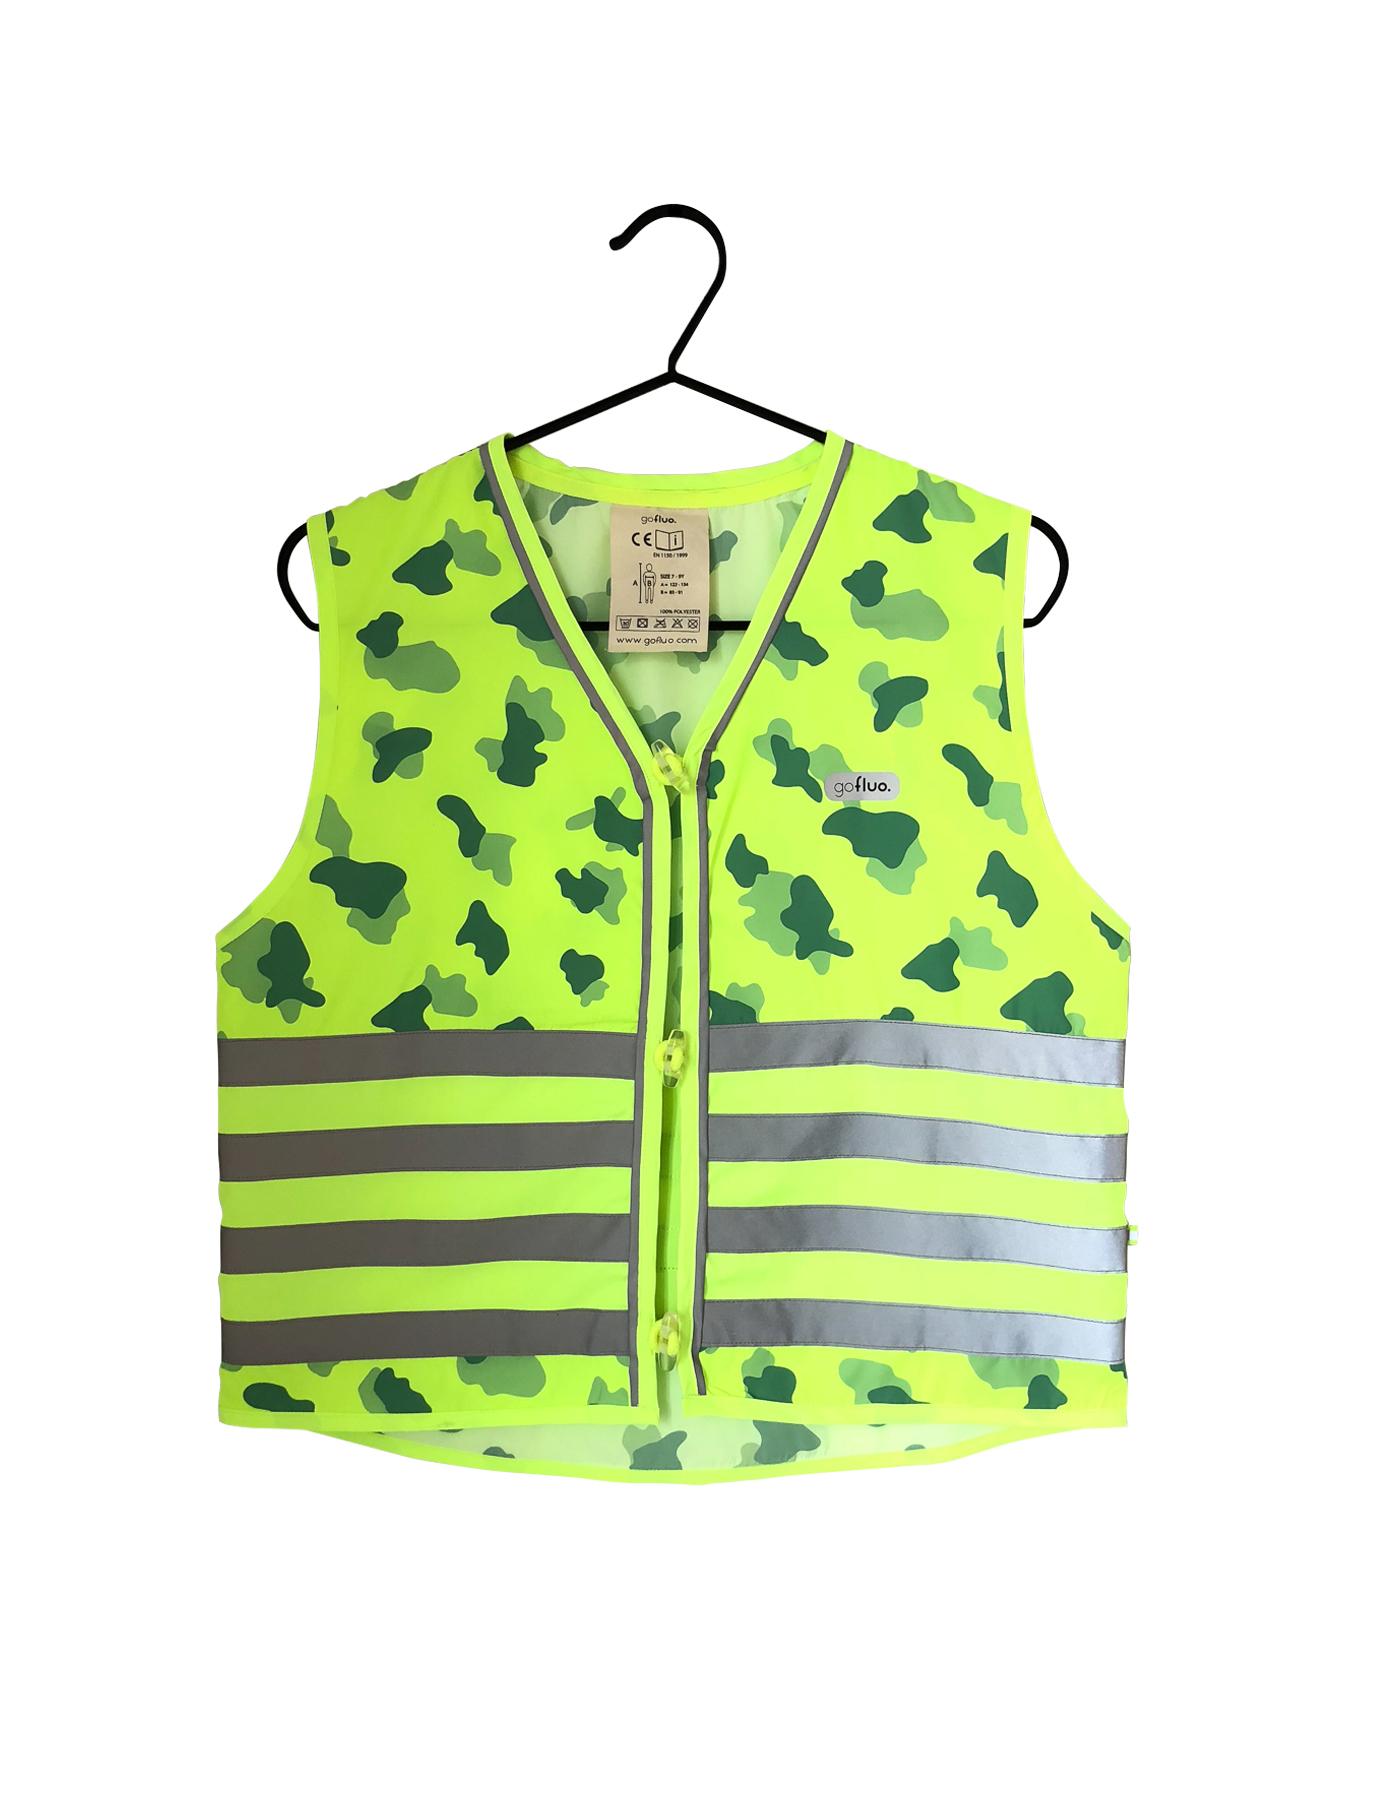 Fluohesje Camou groen size 10-12Y